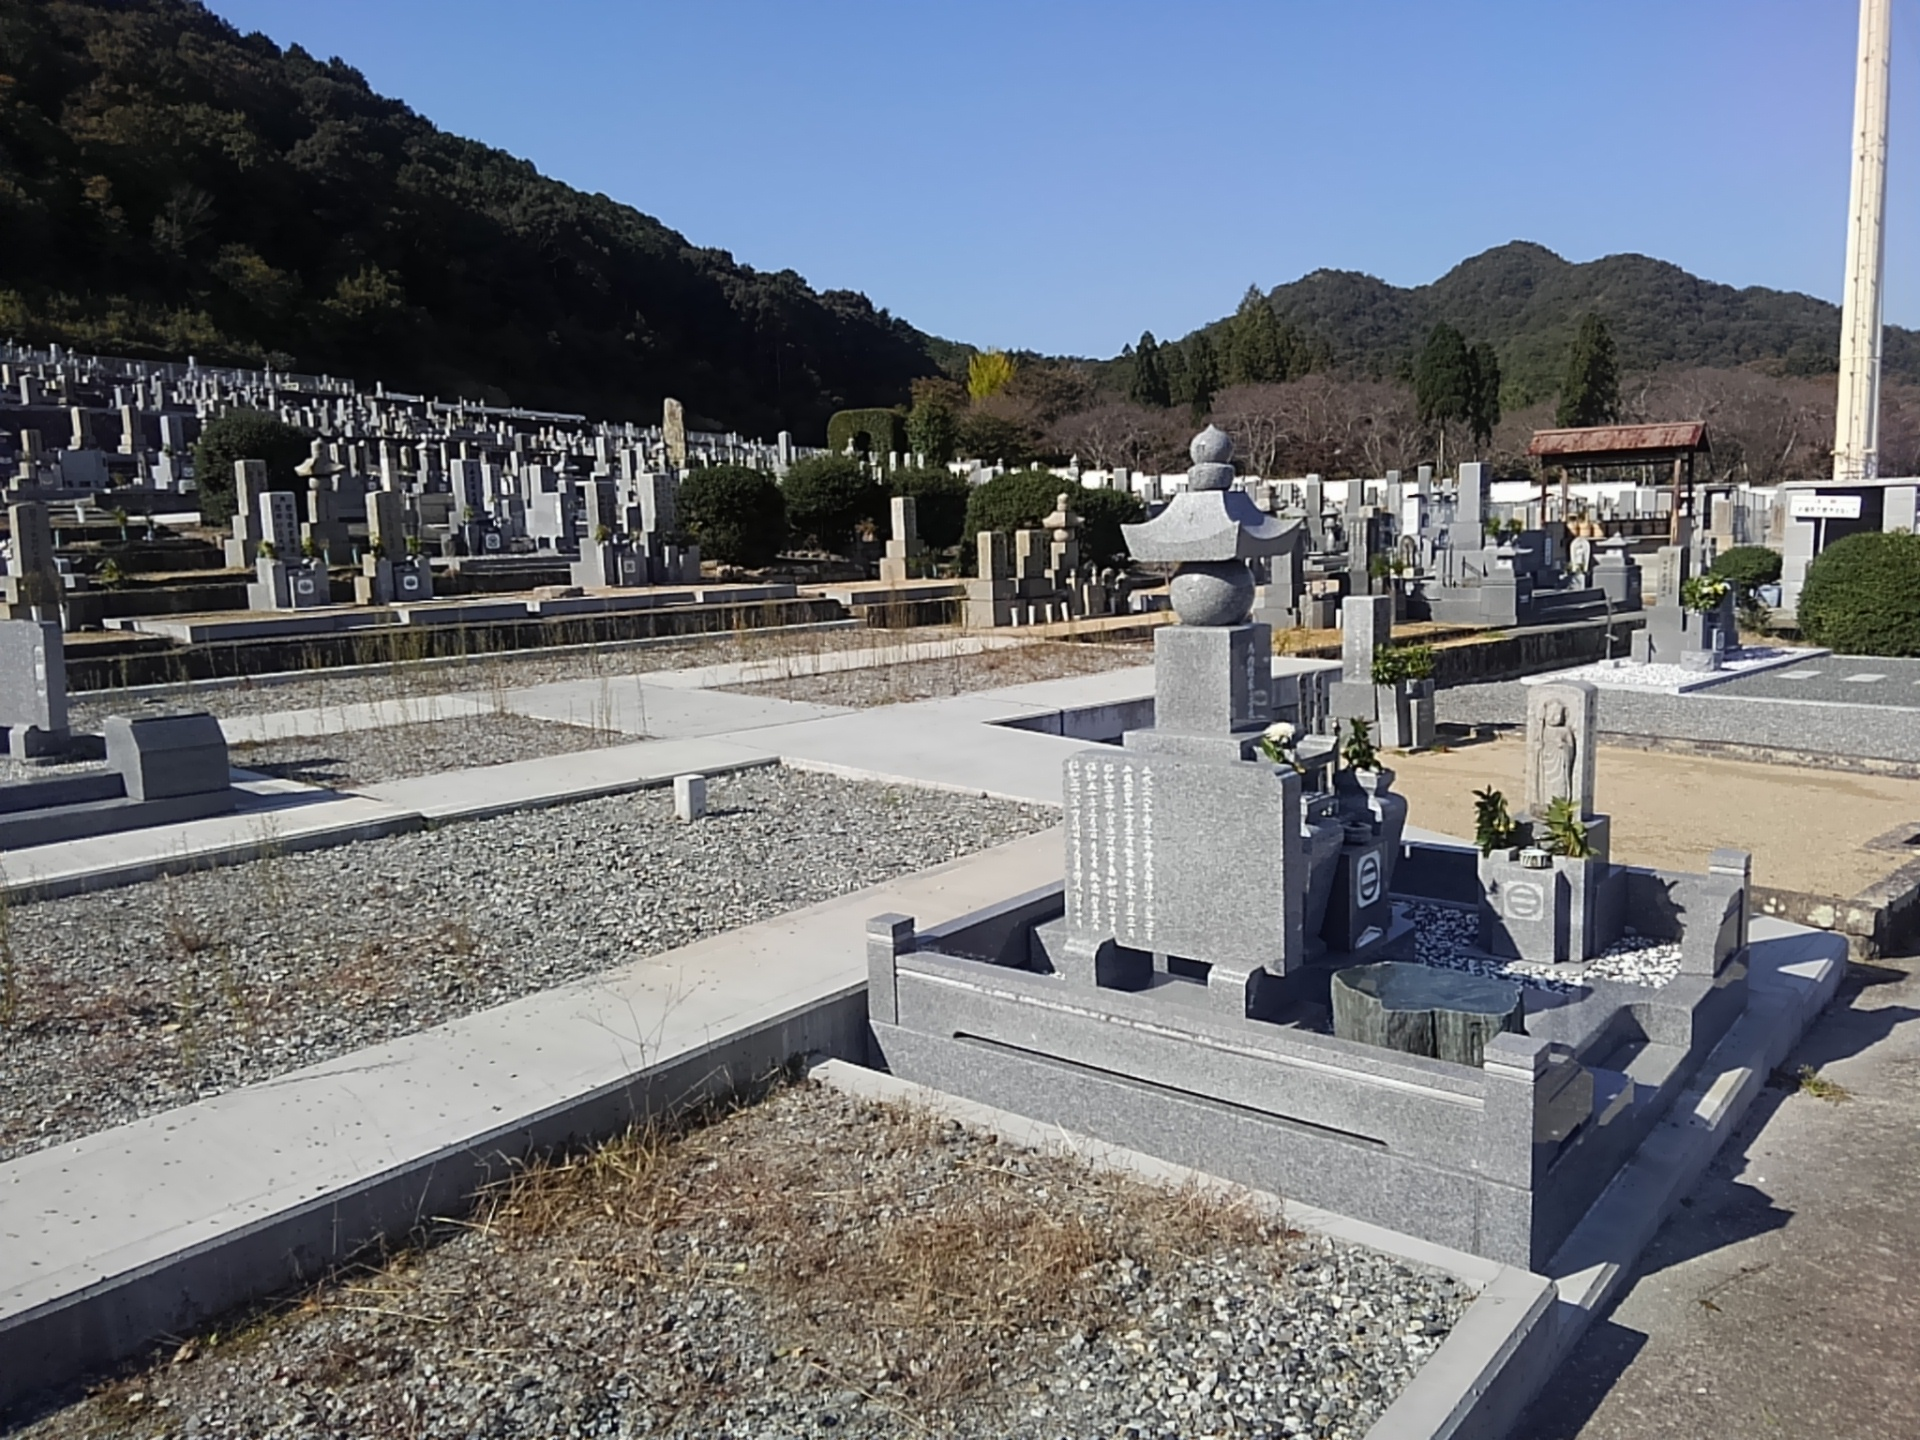 https://www.morita-stone.co.jp/weblog/img/KIMG1227.JPG